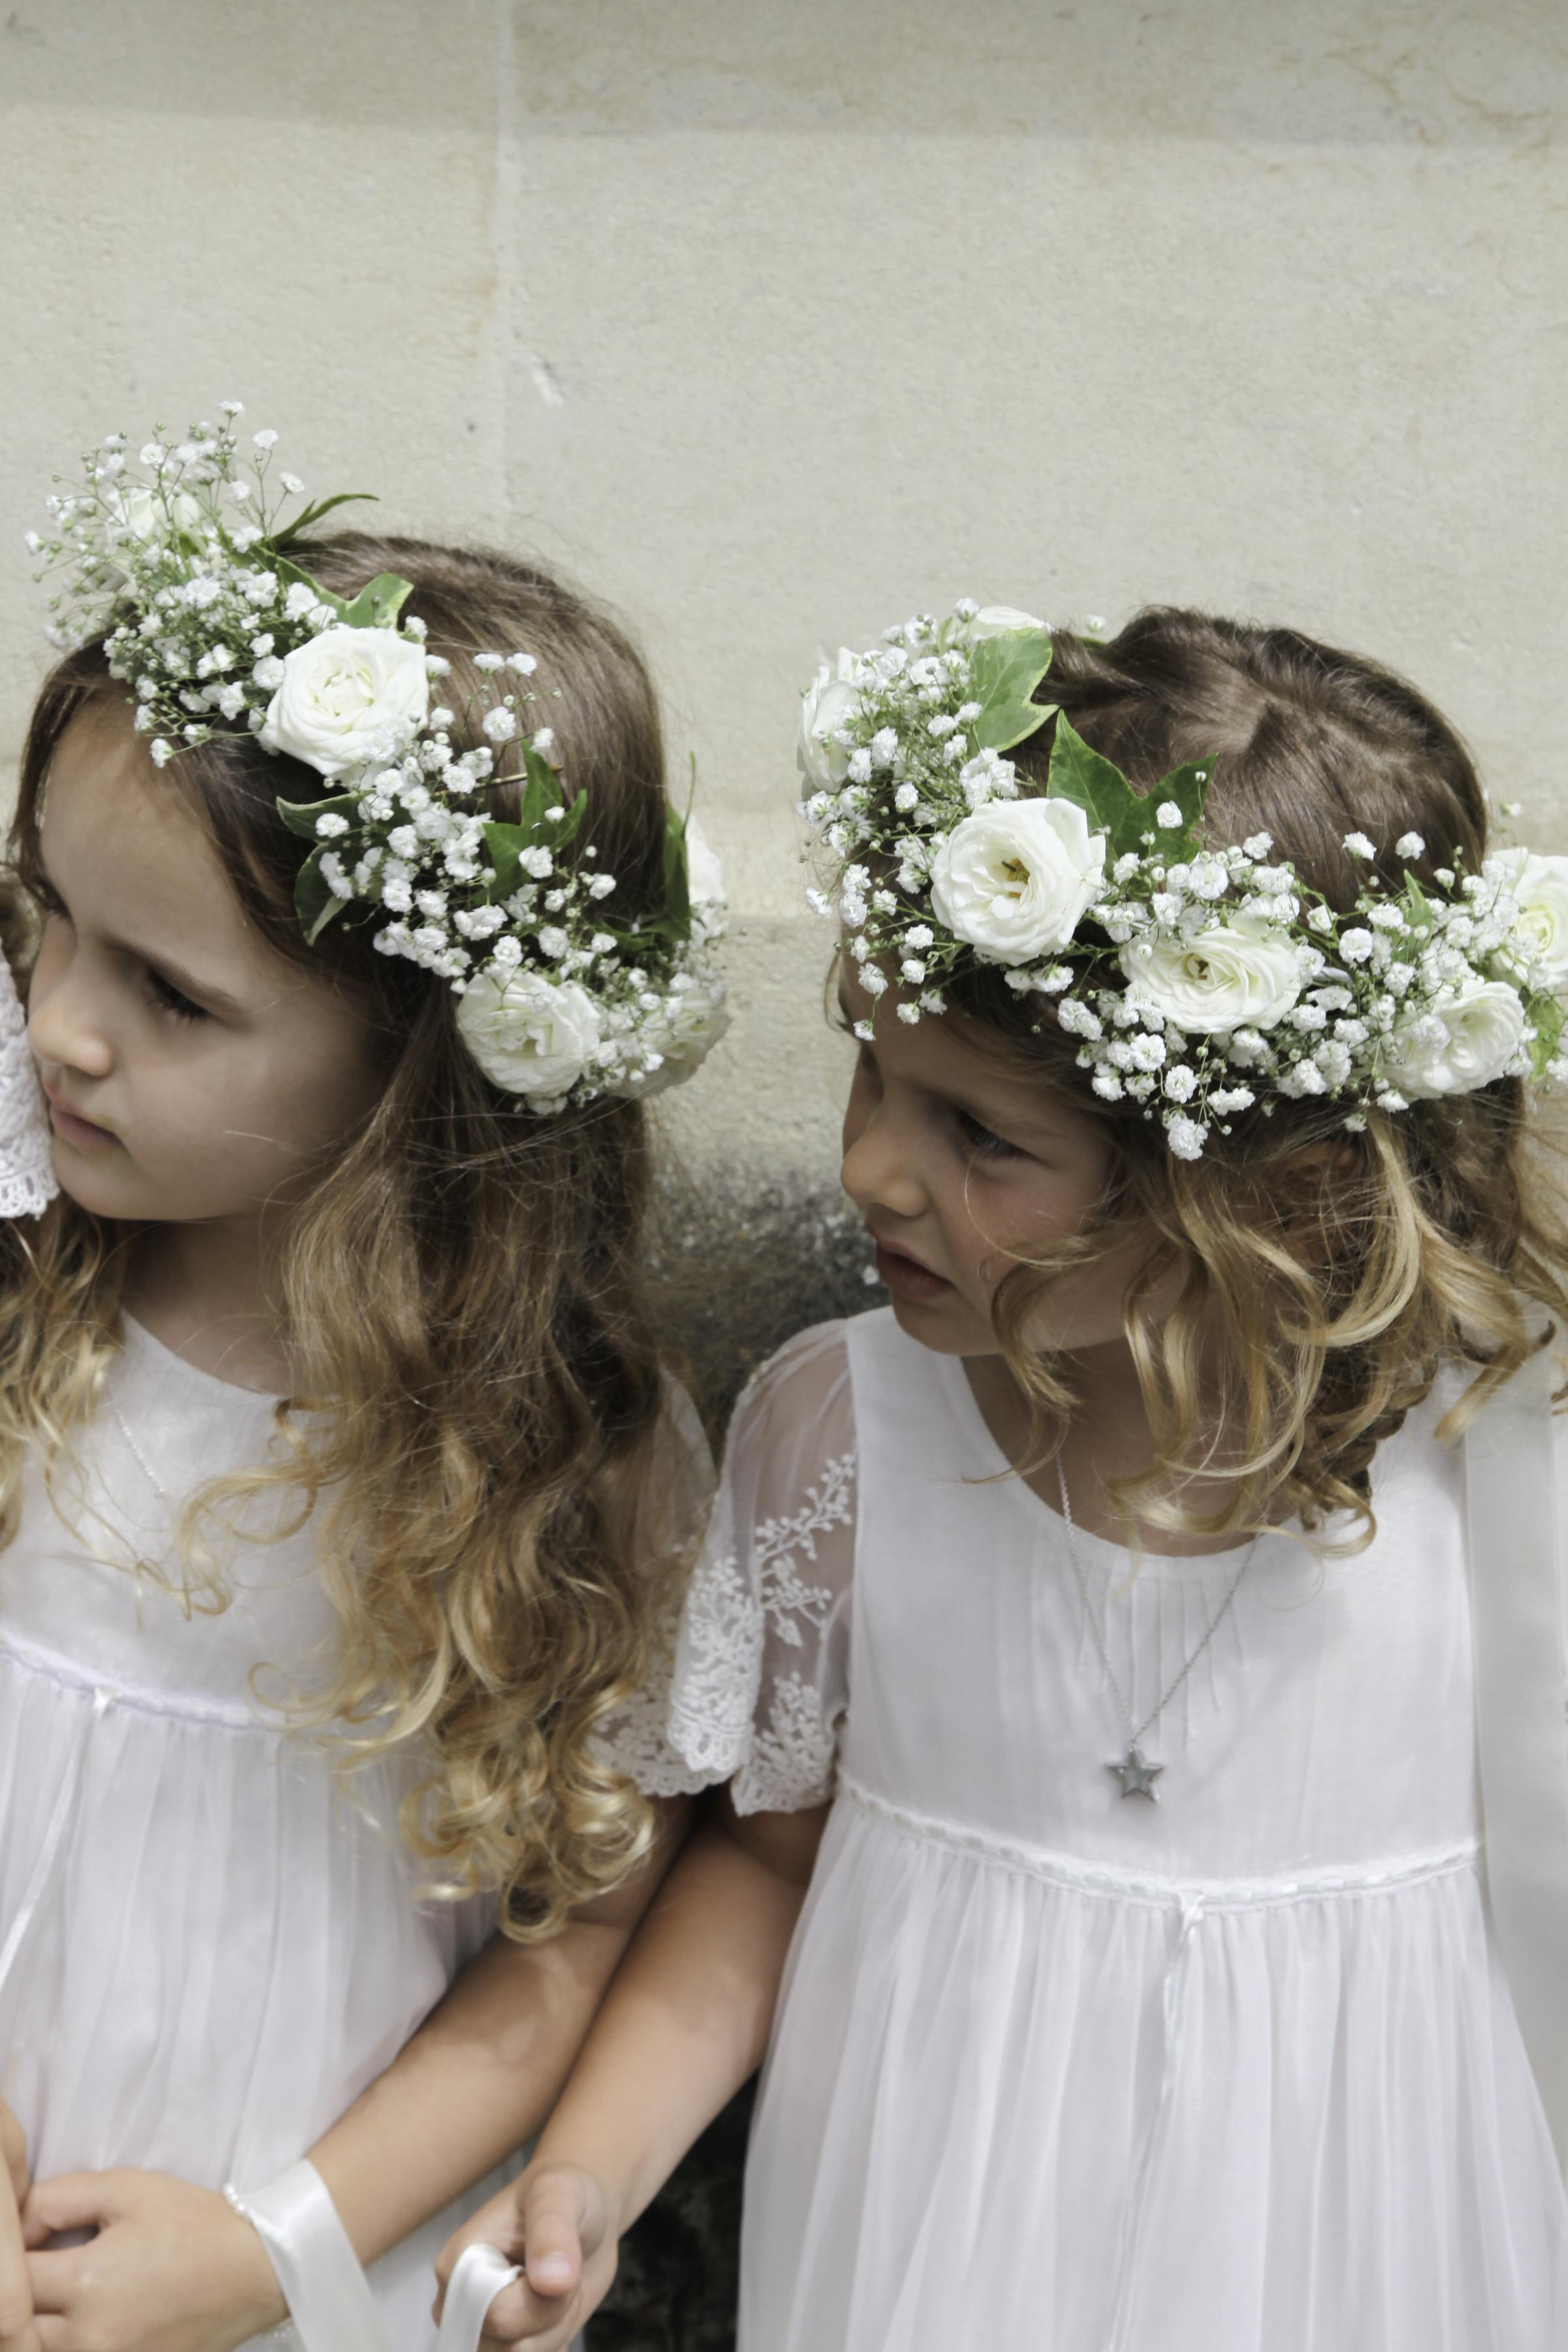 Hair flowers sonning flowers flowergirls flowercrowns izmirmasajfo Gallery